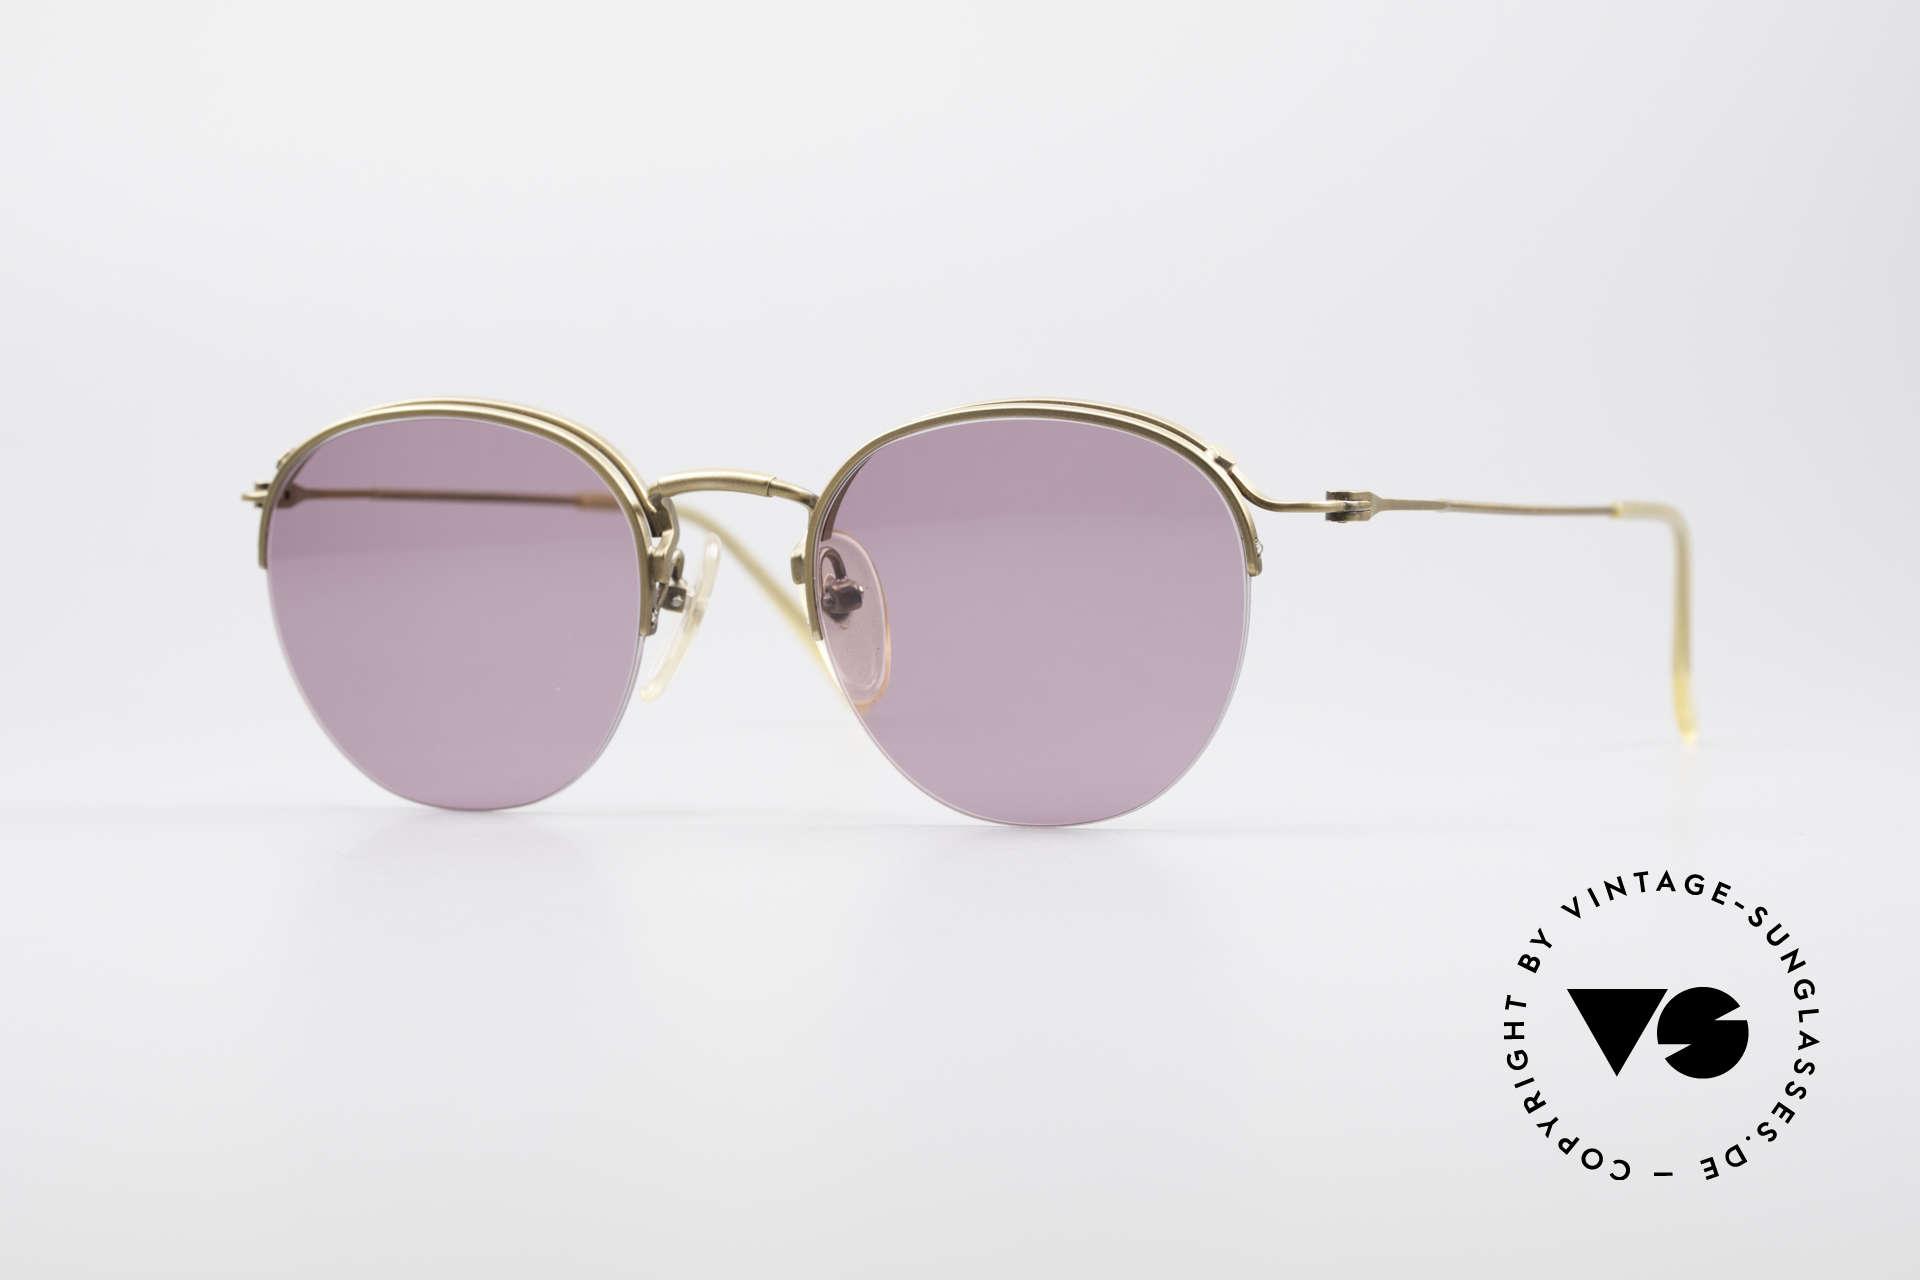 Jean Paul Gaultier 55-1172 True Vintage Sonnenbrille, edle Jean Paul Gaultier 90er Jahre Sonnenbrille, Passend für Herren und Damen